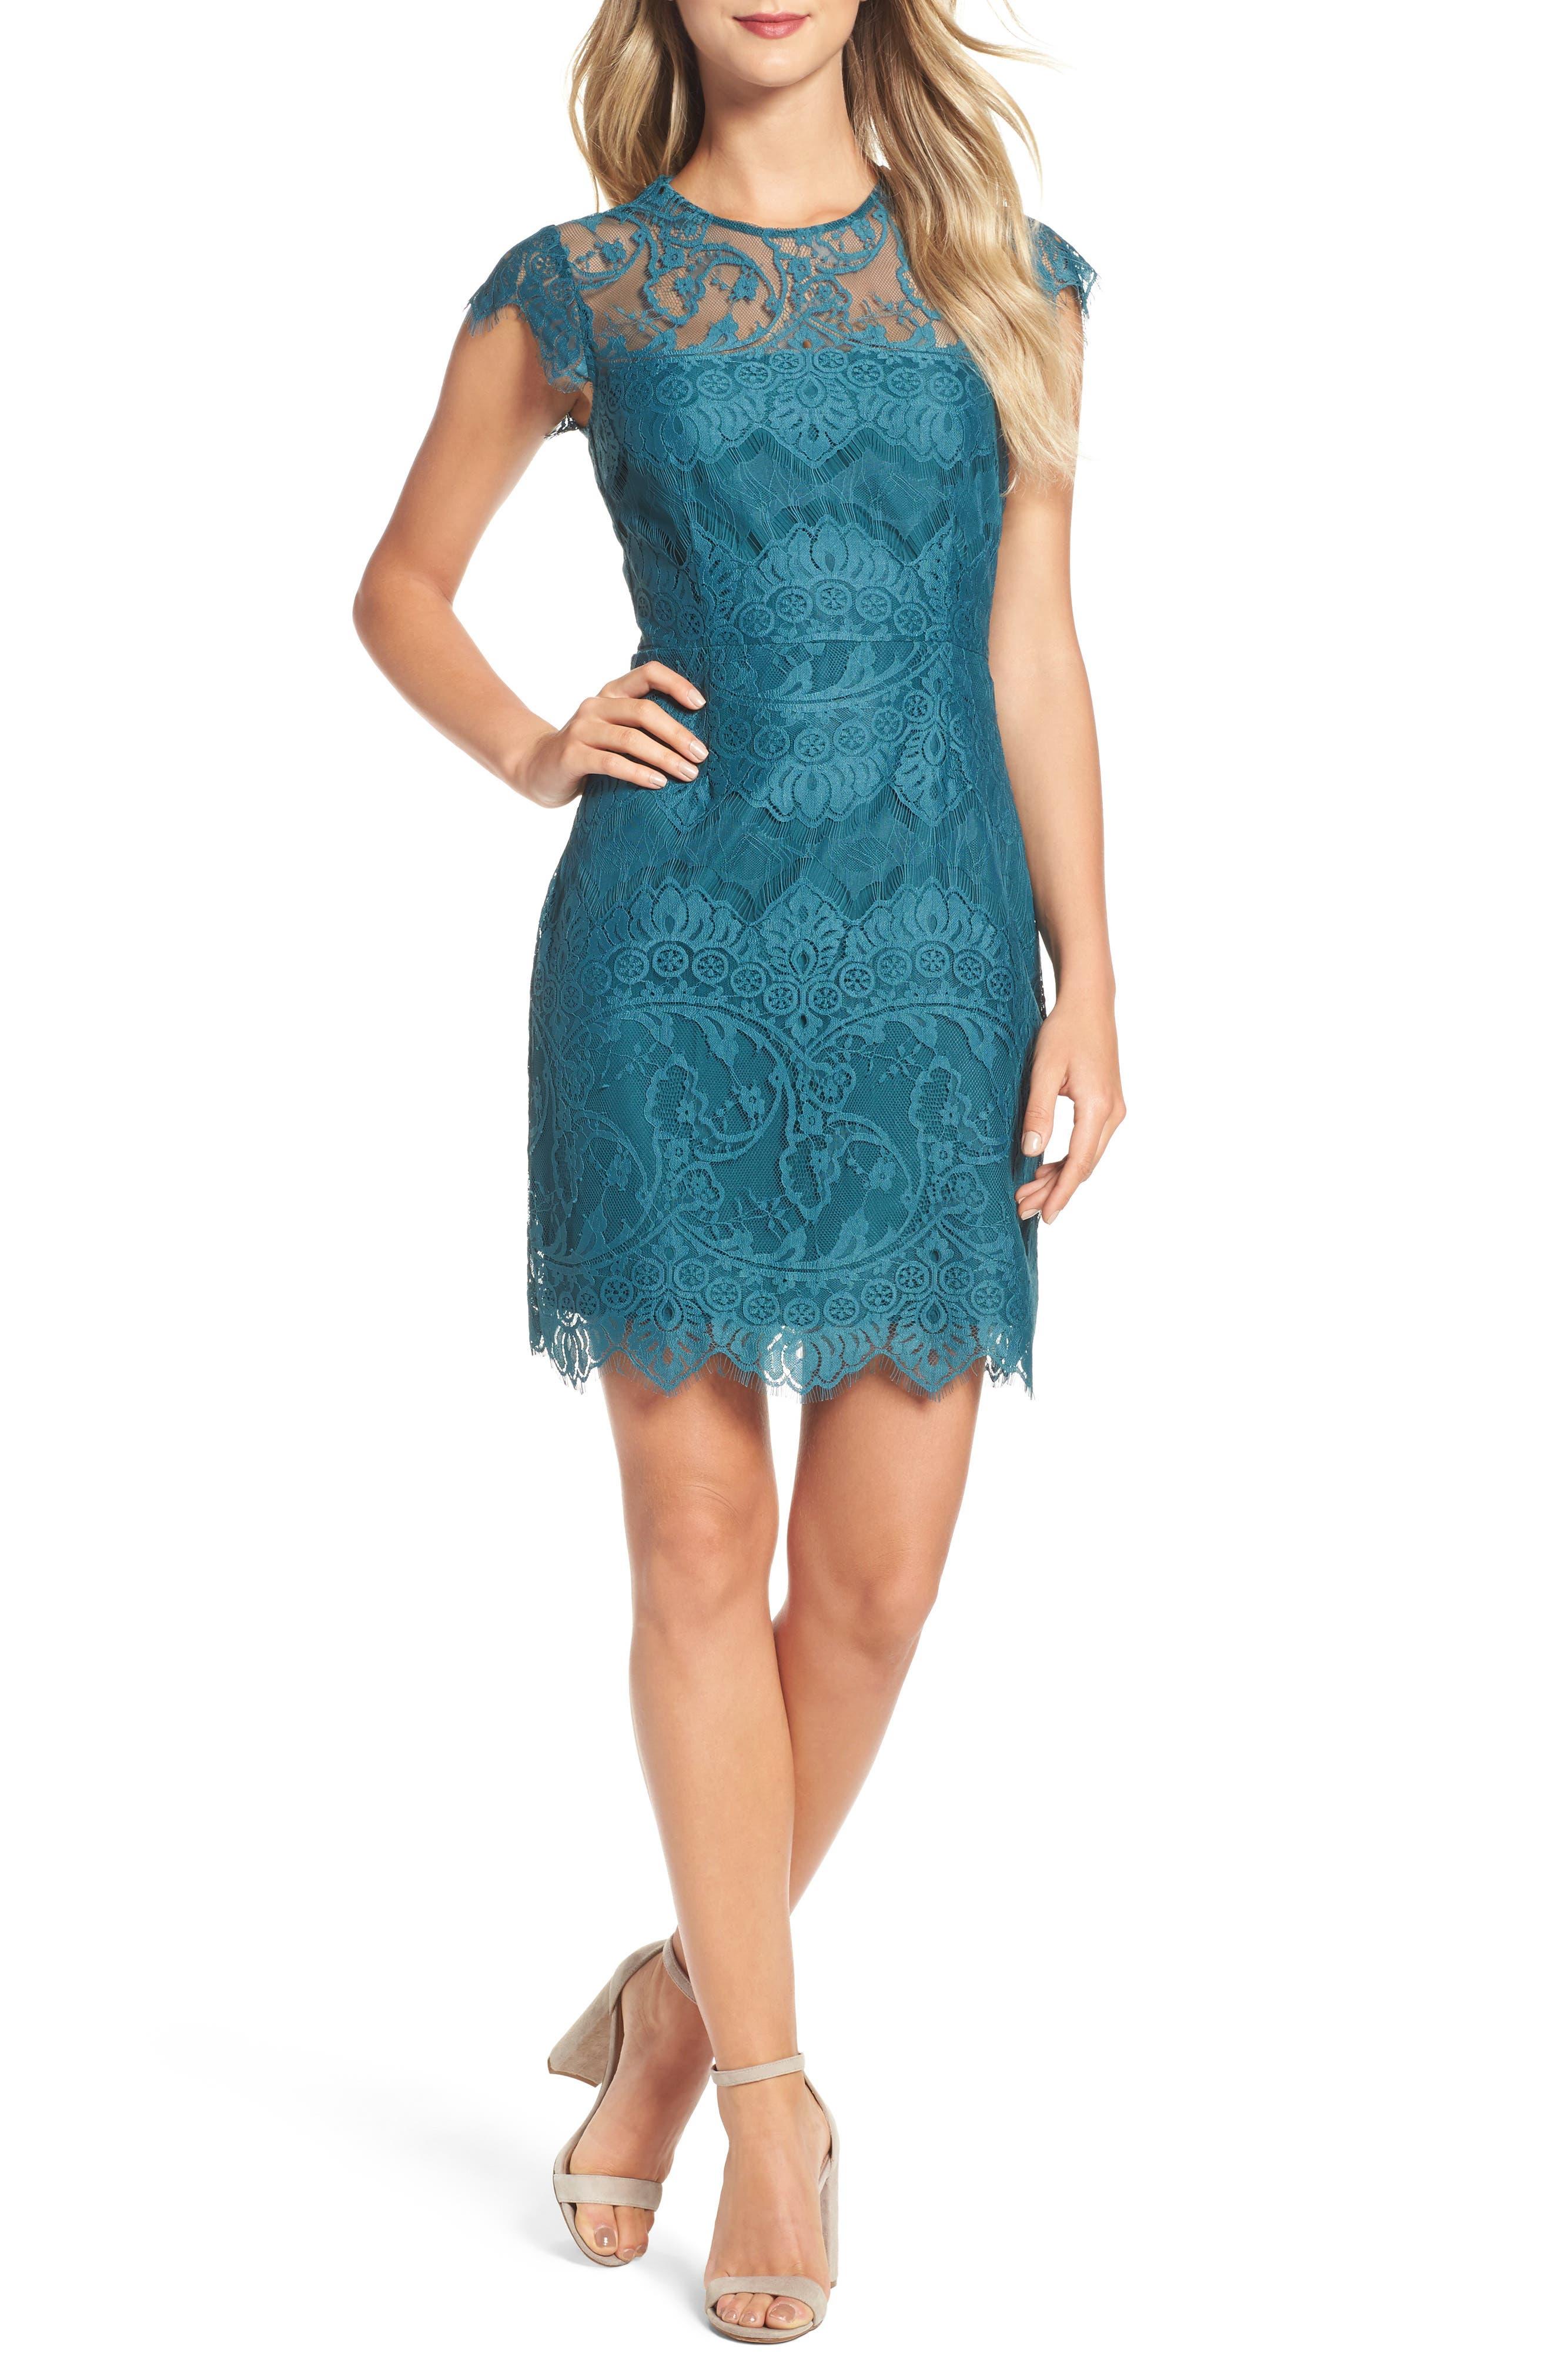 Alternate Image 1 Selected - BB Dakota Jayce Lace Sheath Dress